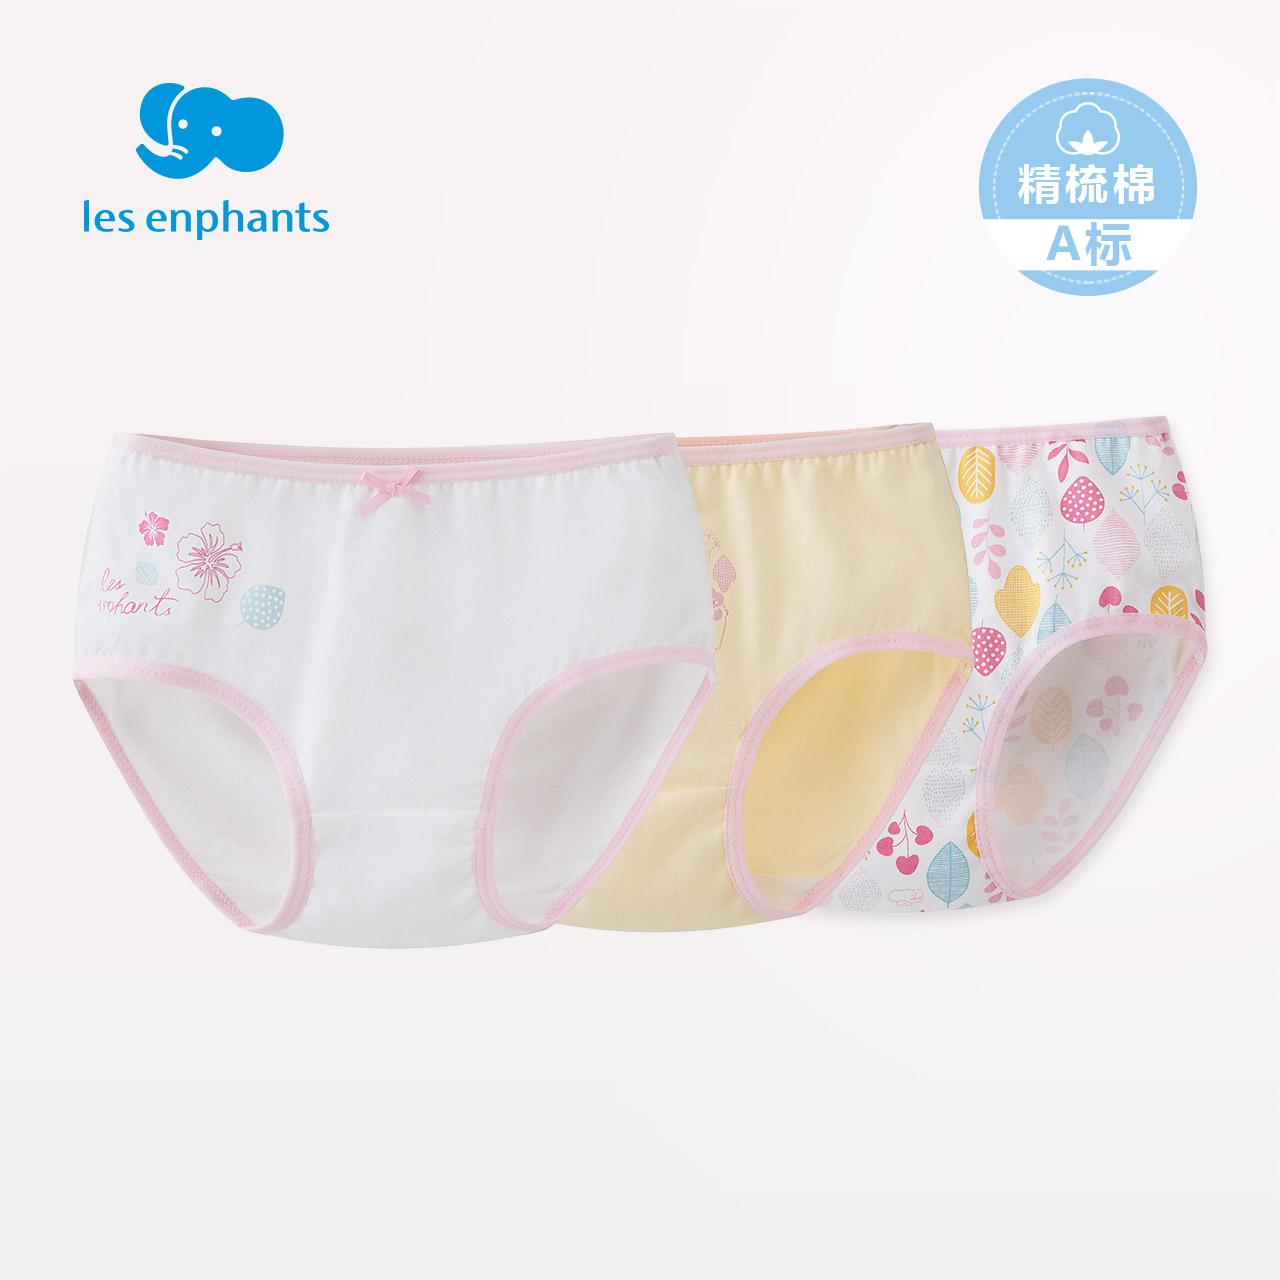 丽婴房婴儿衣服女宝宝可爱内裤女童柔软三角裤3条装四季款2019新